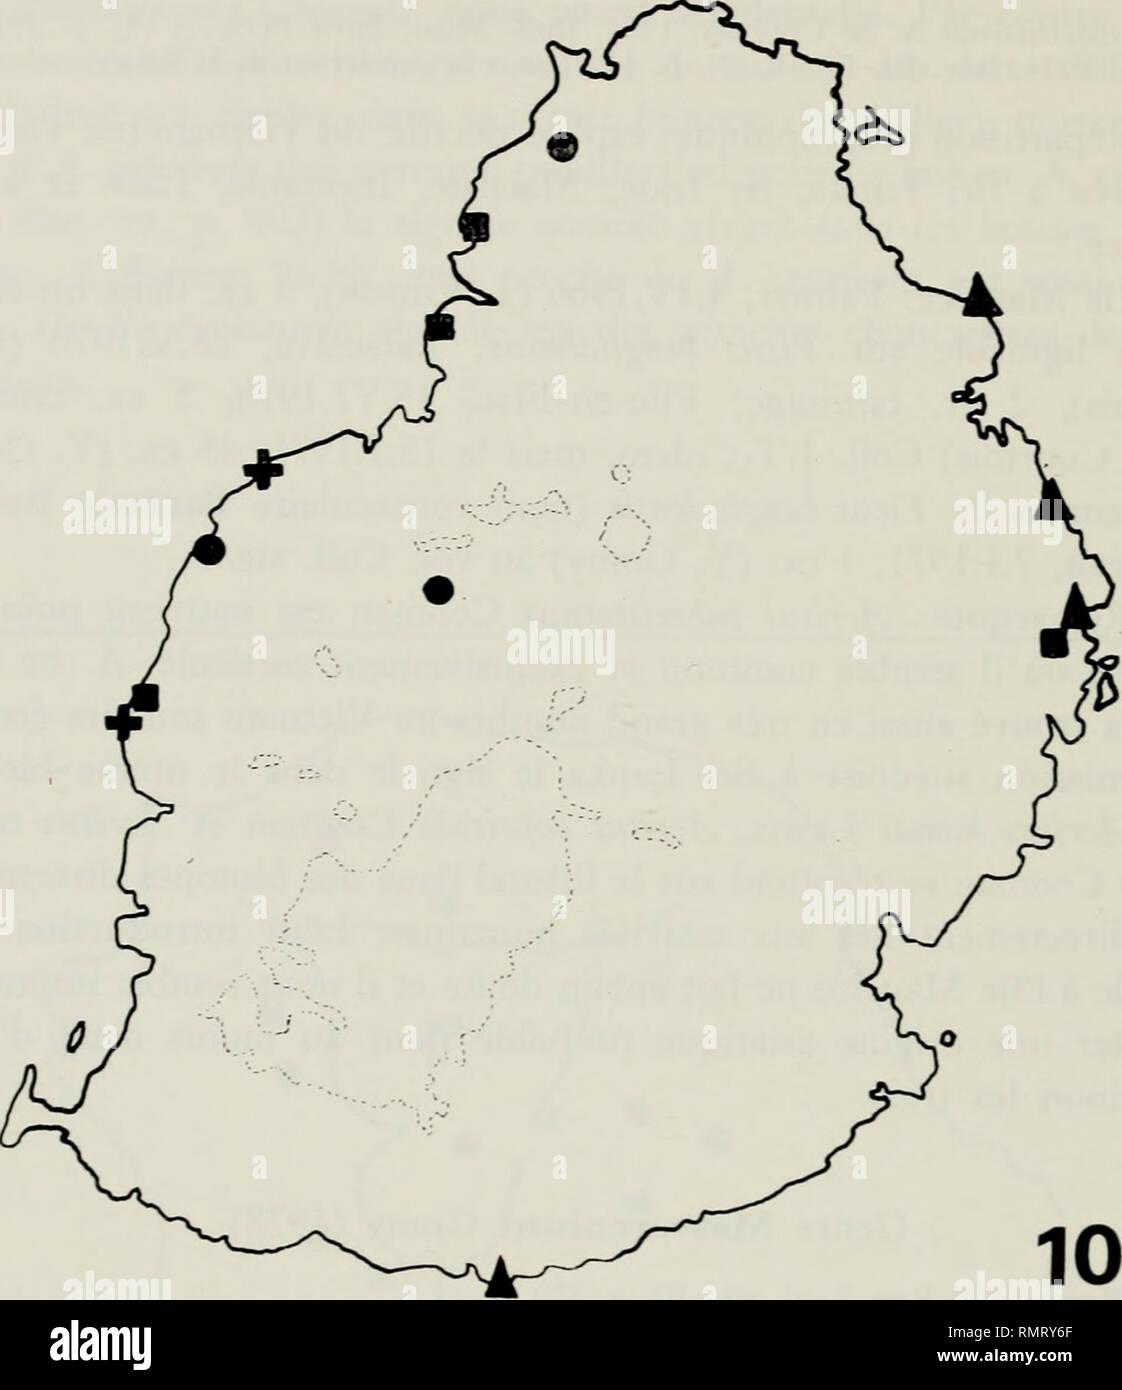 . Annali del Museo civico di storia naturale Giacomo Doria. Natural history. 300 Y. GOMY. ^ fcruS KOmai. '-£-/..' Fig. 10 - Local ités de capture des espèces des genres Halocritus Schni. et Acritus LeC. à rile Maurice. Mascarenium uxoris Goniy (fig. ll,a; 12; 3,c) Mascarenium uxoris Yves Goniy, 1978, Rev. Zool. afr., 92, p. 580. Repartition géographique: espèce endémiquc de l'ile de La Reu- nion où elle se cantonne comme Acritus alticcia dans les restes de forèt primitive de moyenne et de haute altitude (au dessus de 1 ()()() m) (iìg. 13).. Please note that these images are extracted from s - Stock Image